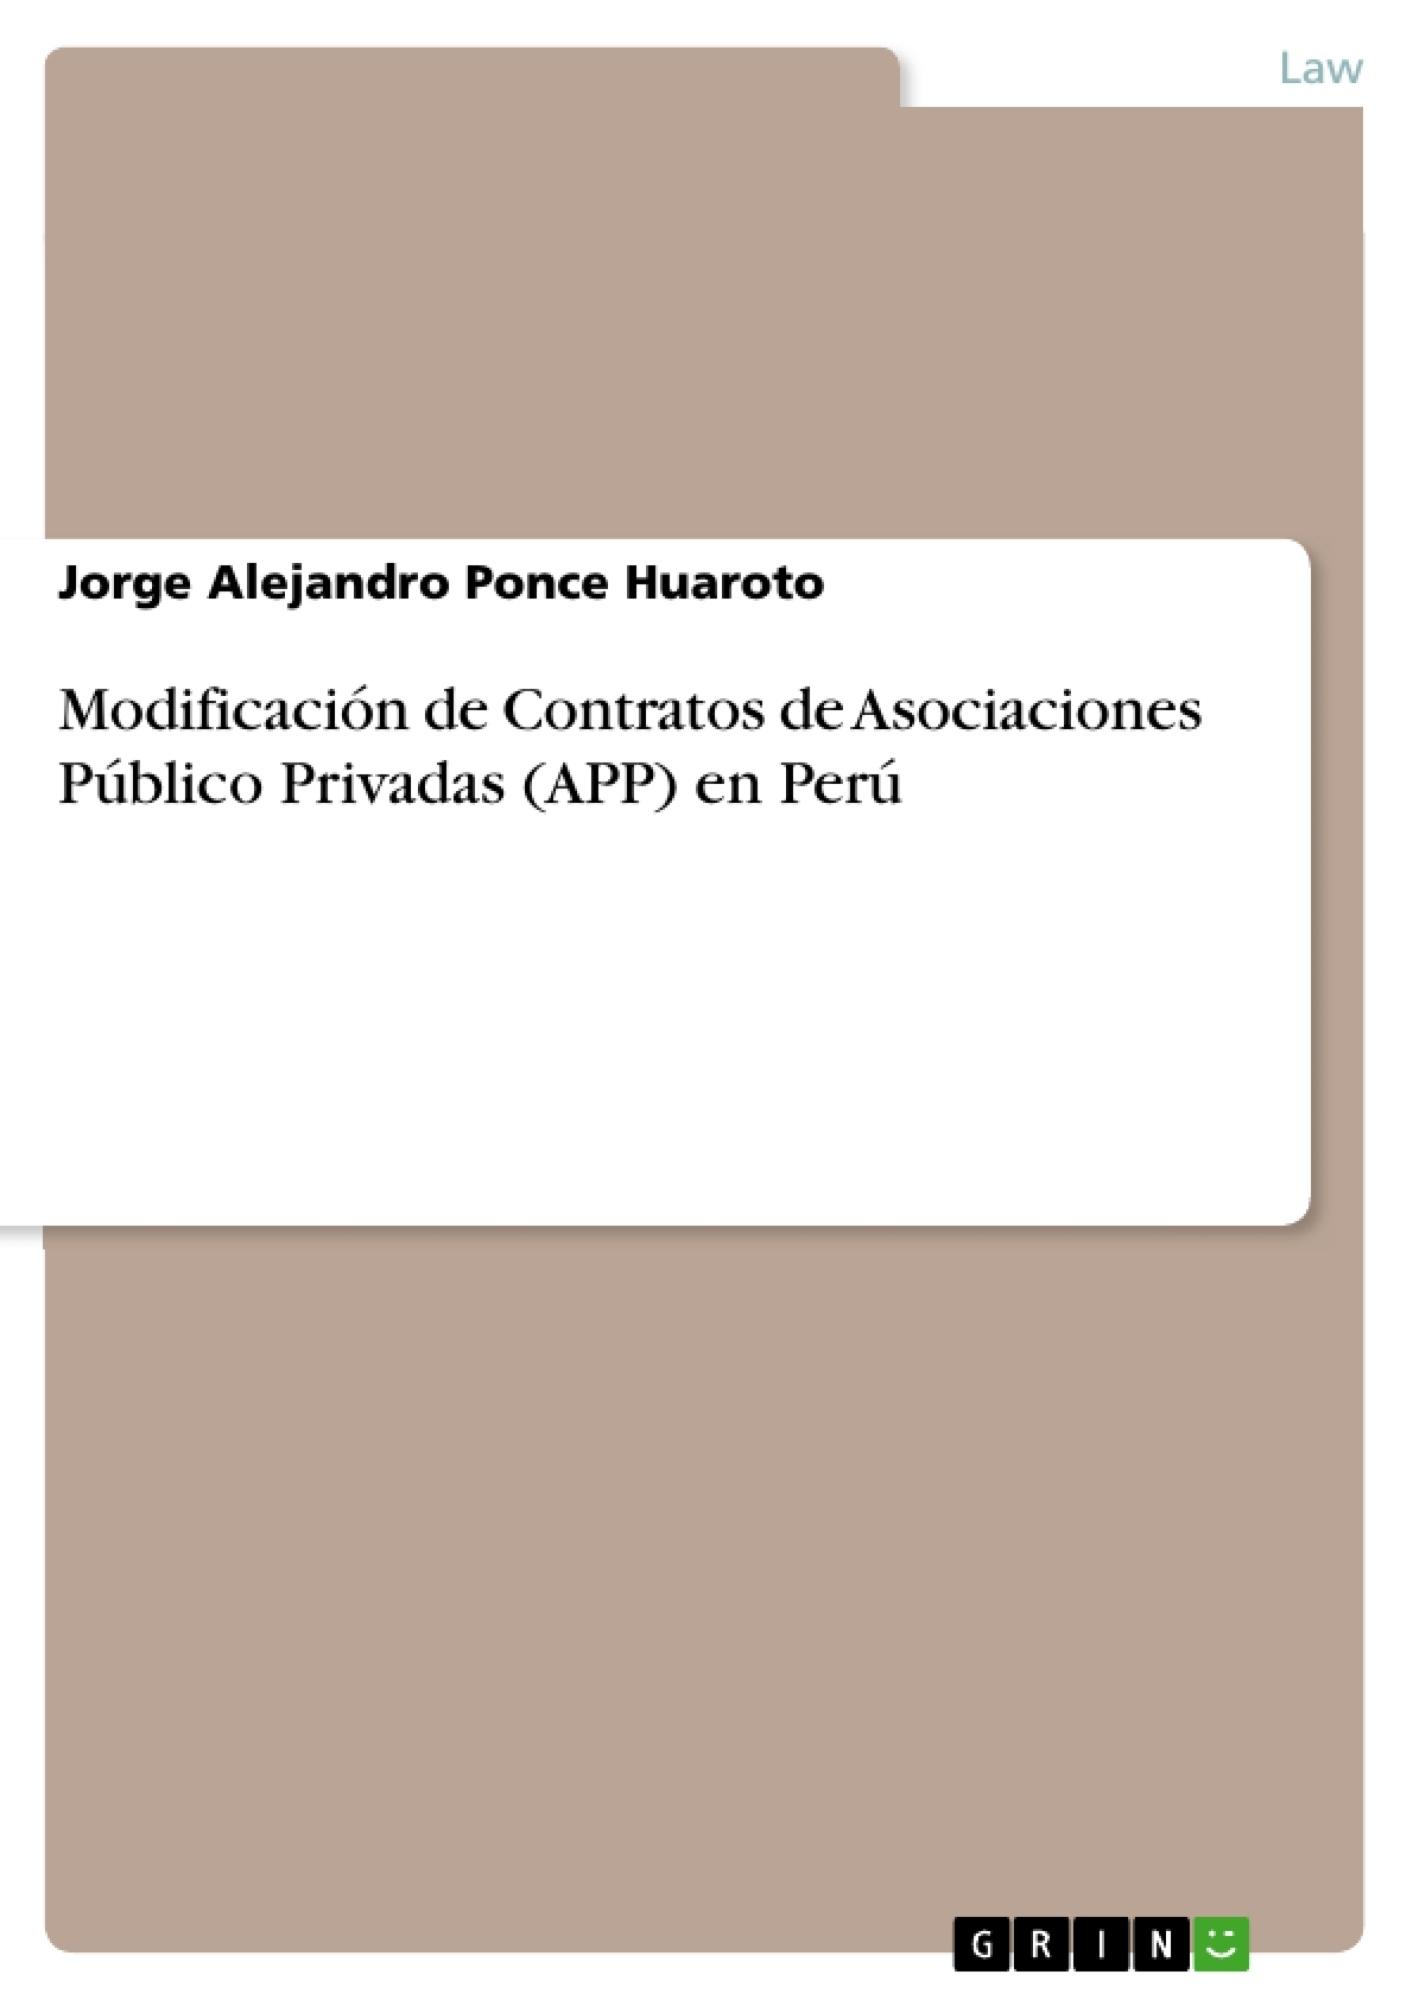 Título: Modificación de Contratos de Asociaciones Público Privadas (APP) en Perú